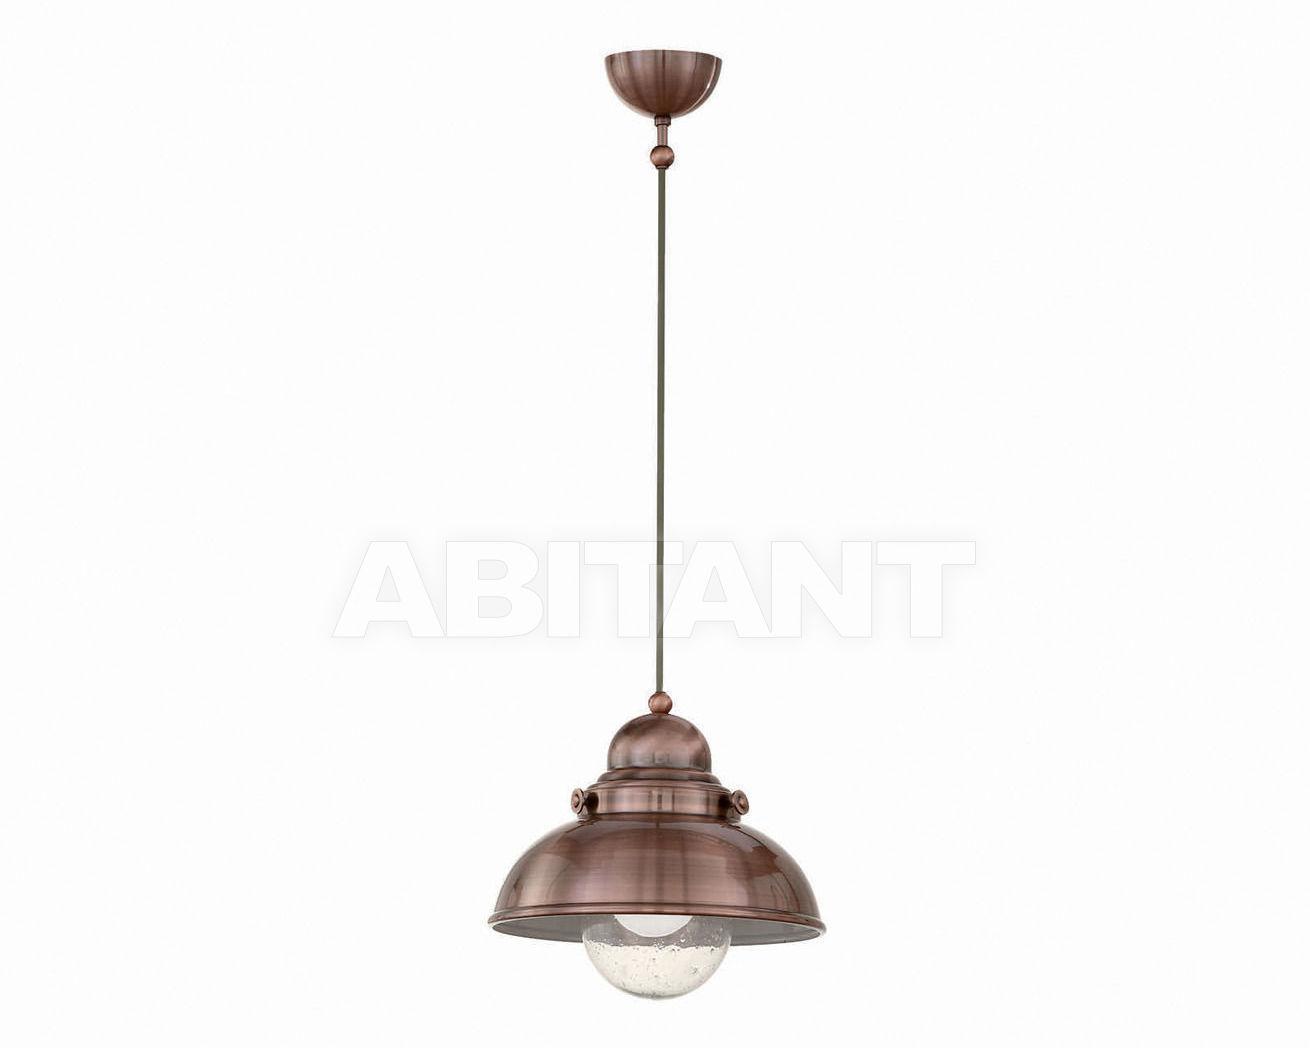 Купить Светильник Ideal Lux 2013-2014 SAILOR SP1 D29 RAME